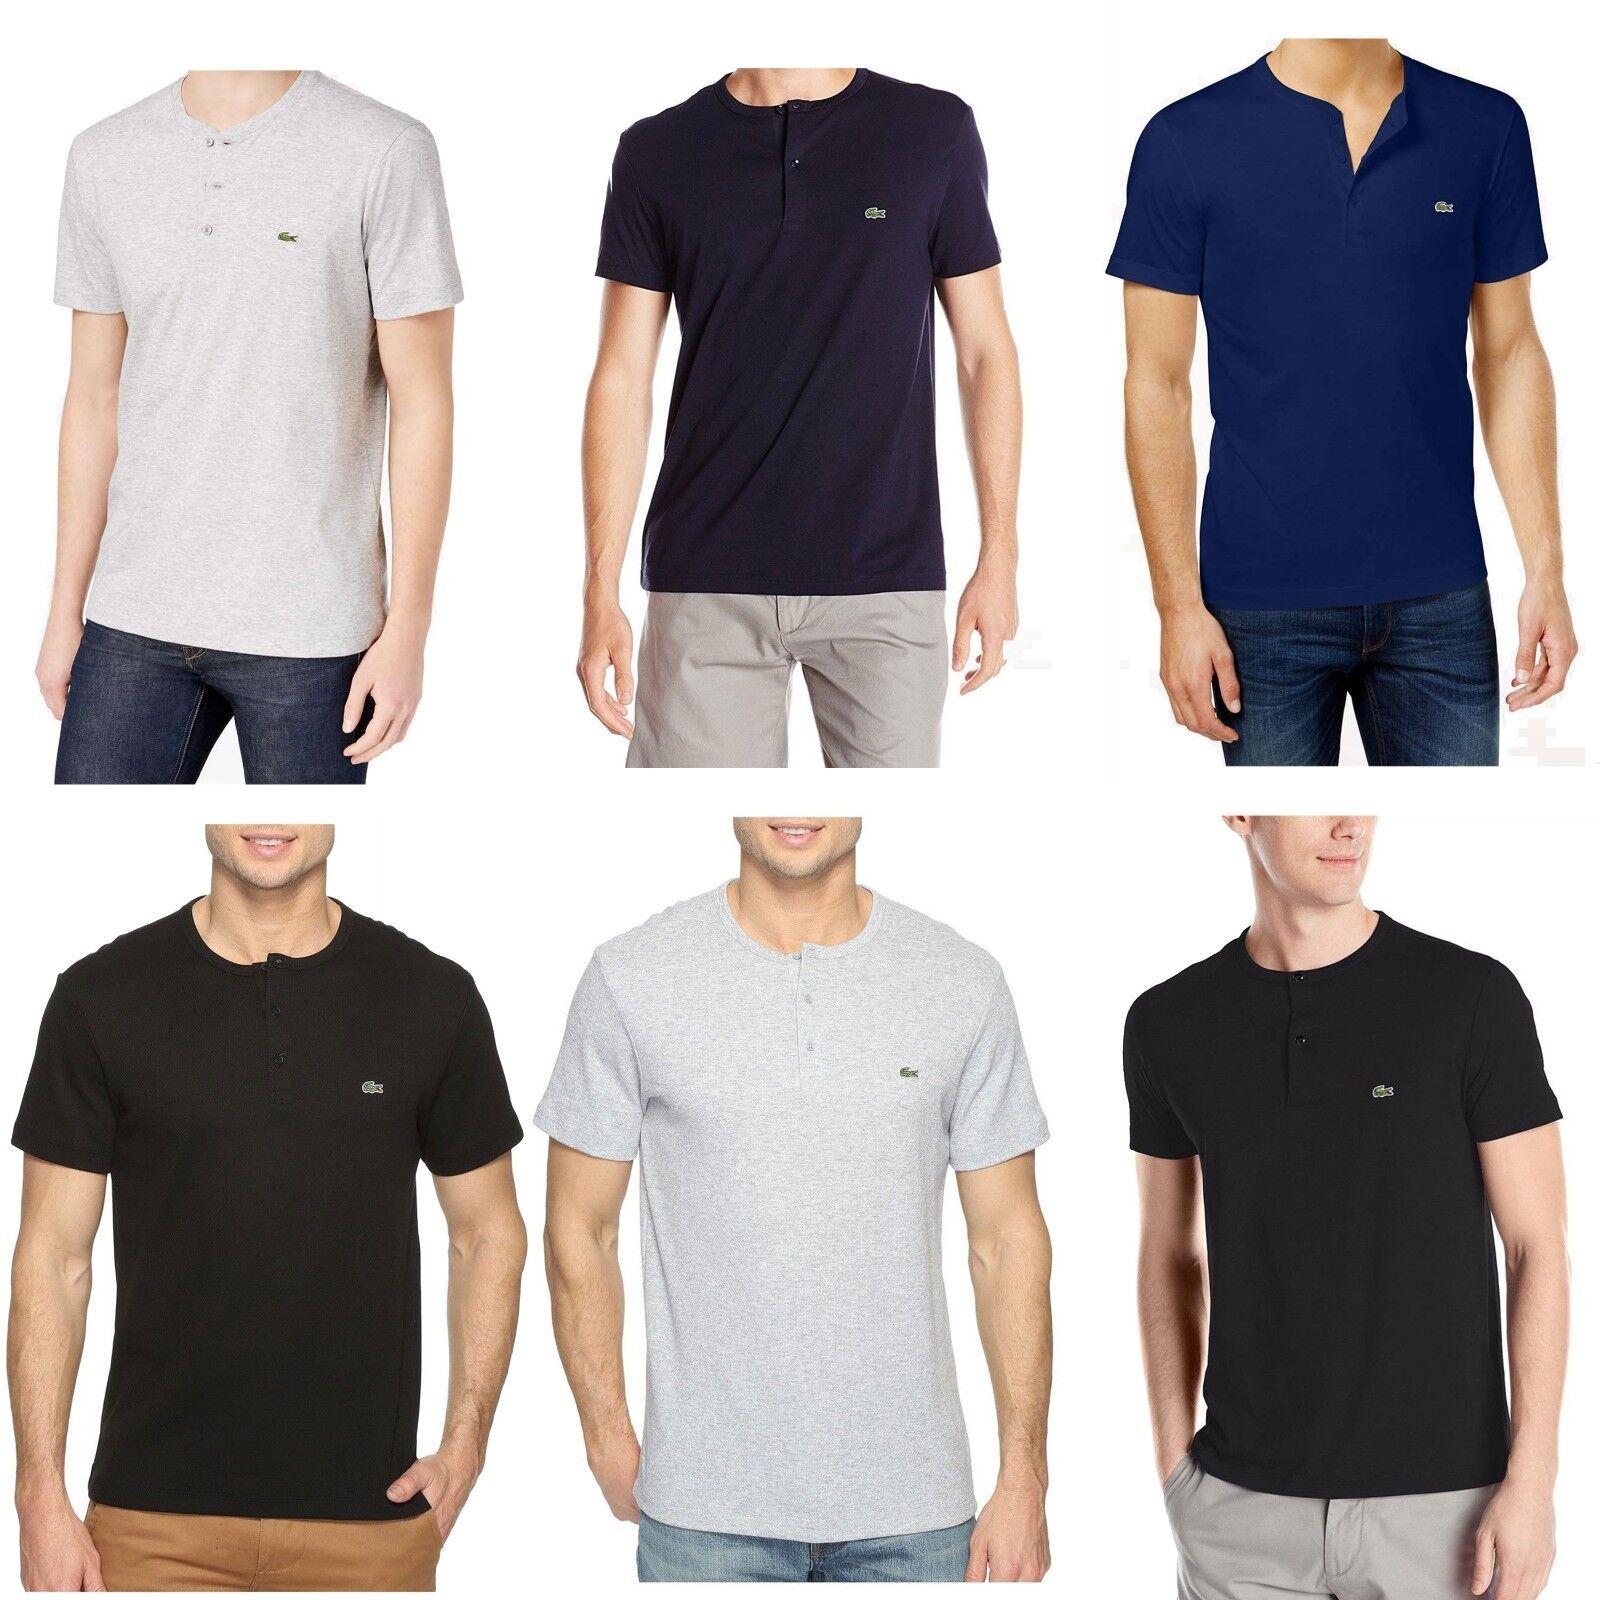 Lacoste Men's 100% Cotton Henley Tee T-Shirt Multi-colors